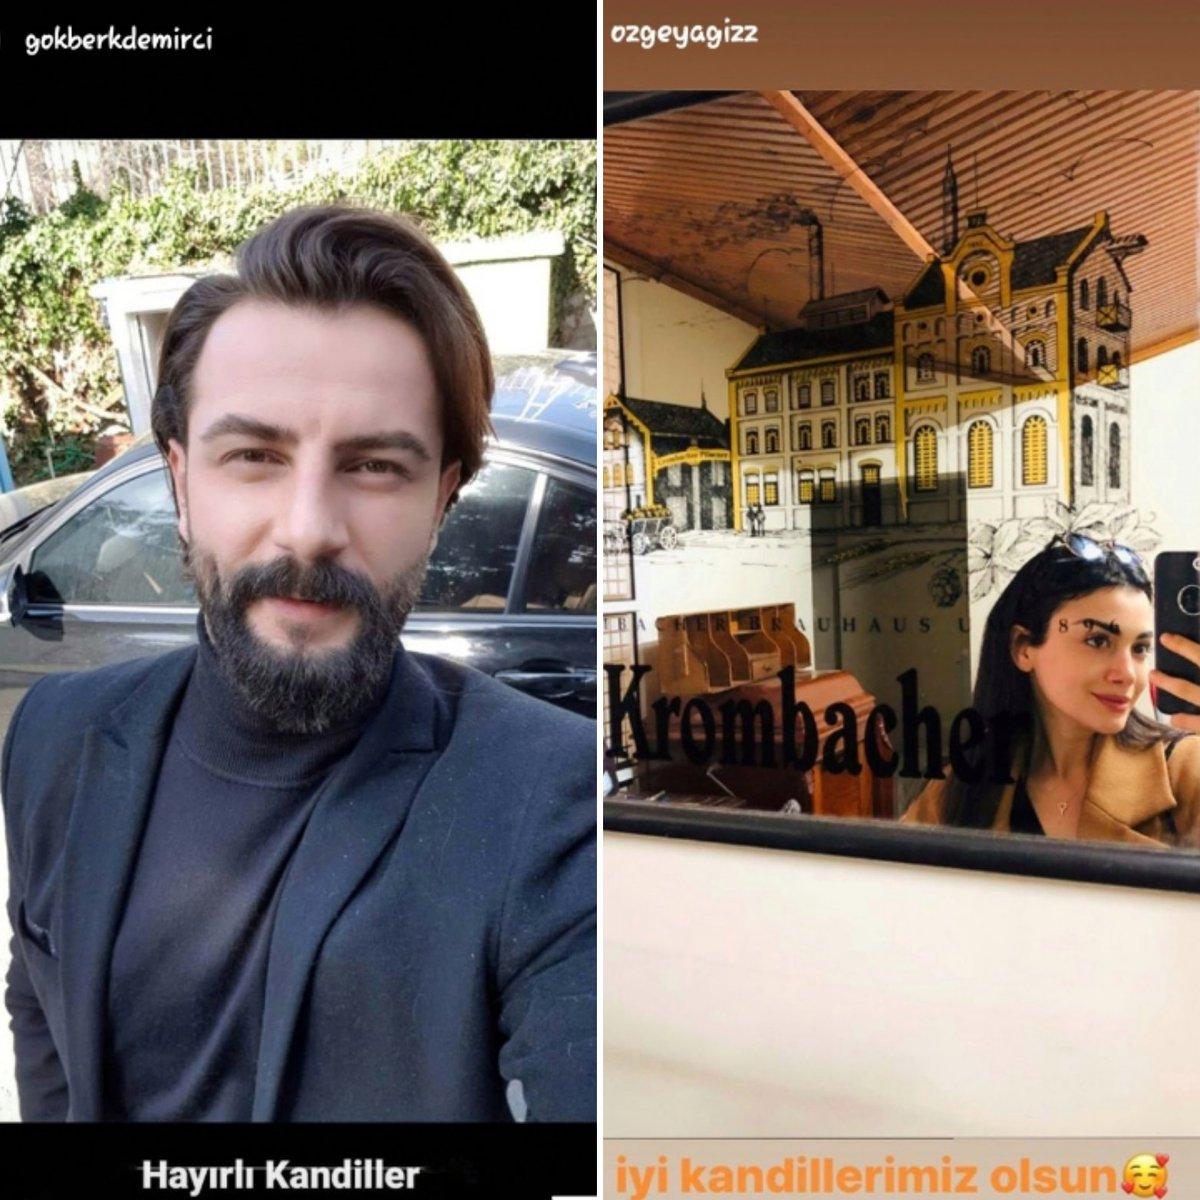 Gökberk and Özge sharing their stories today. I hope you have a nice day lovely guys @GkberkDemirci @yagizozge #IGStories #selfietime #GökberkDemirci #ÖzgeYağiz #ÖzBerk #ReyEm #Yeminpic.twitter.com/fDmbzOCzTM